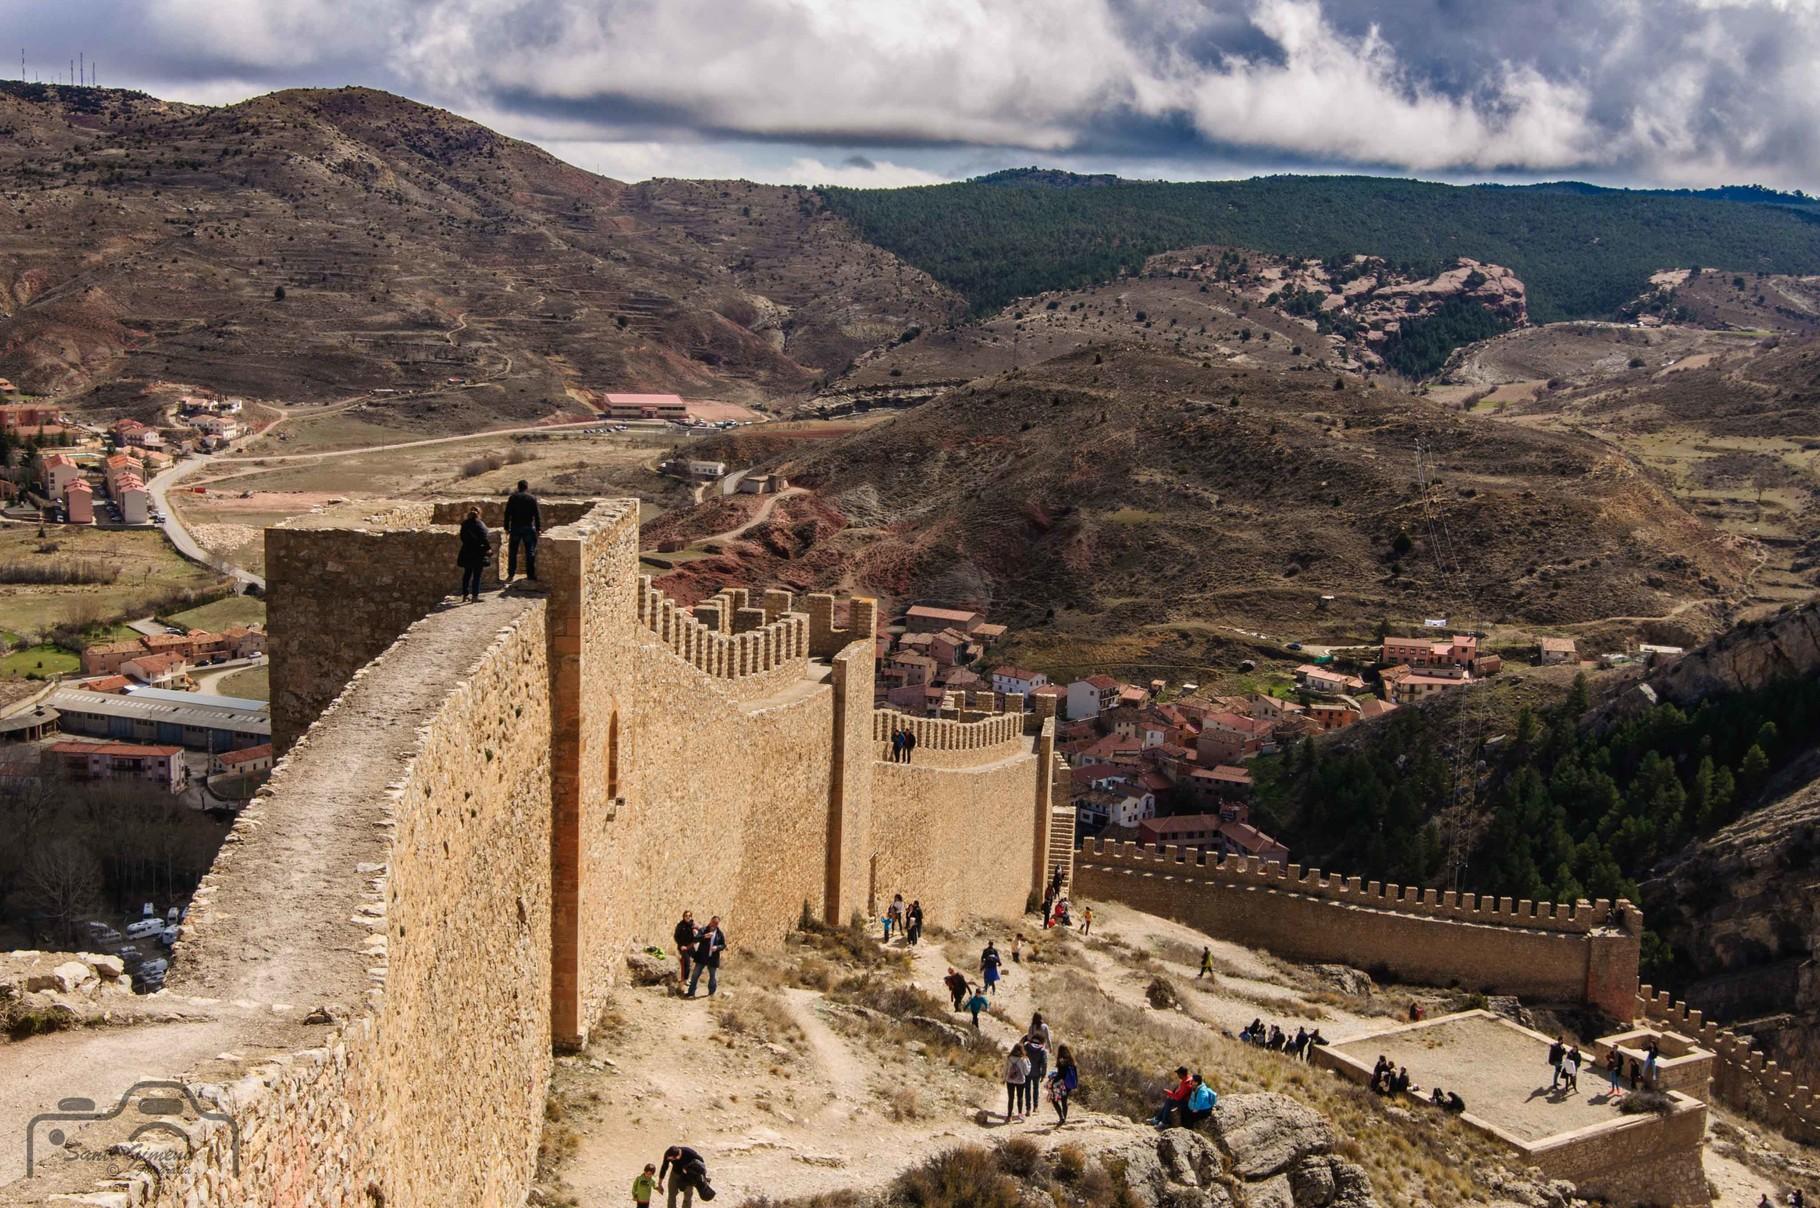 Les muralles d' Albarracin